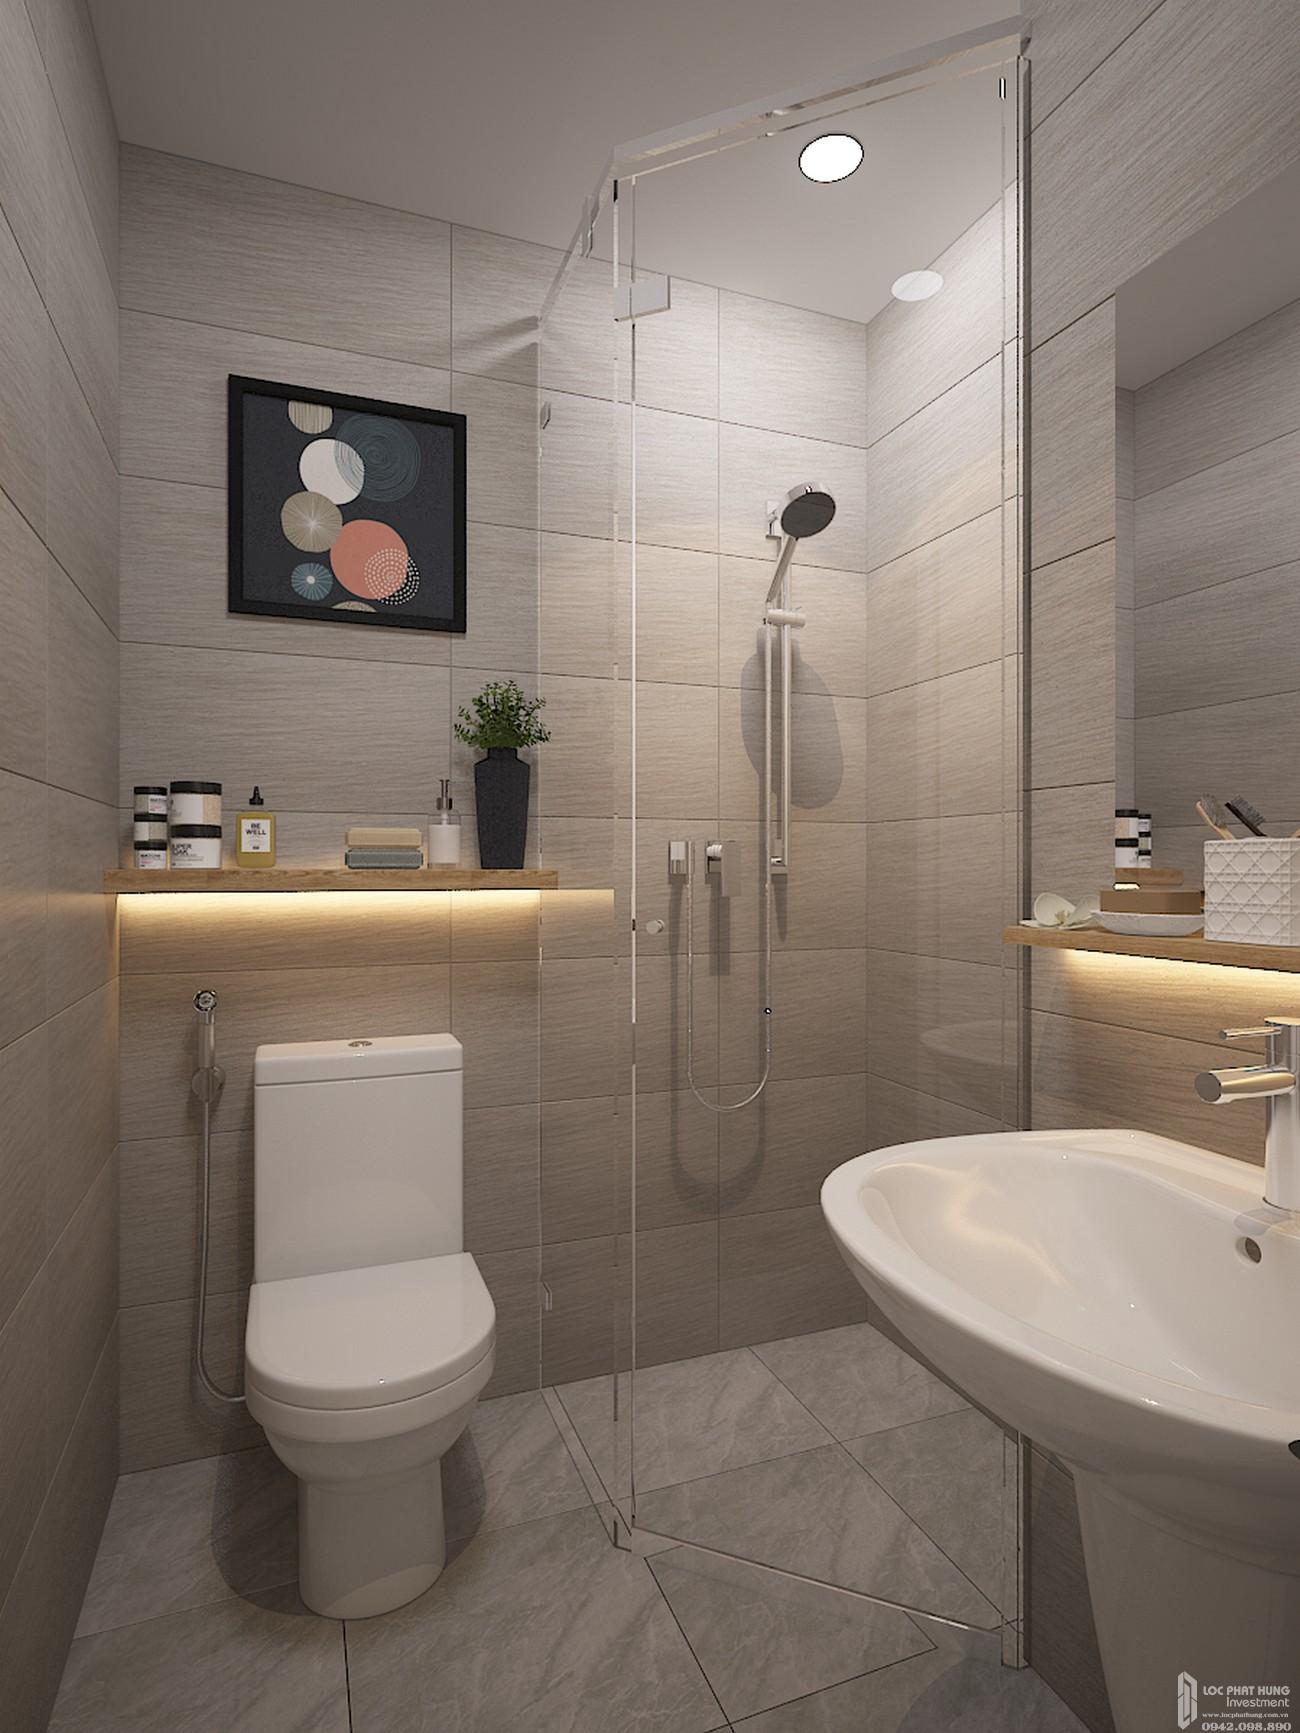 Toilet căn 1-D1 căn hộ chung cư Bcons Plaza Dĩ An Đường Thống Nhất chủ đầu tư Bcons